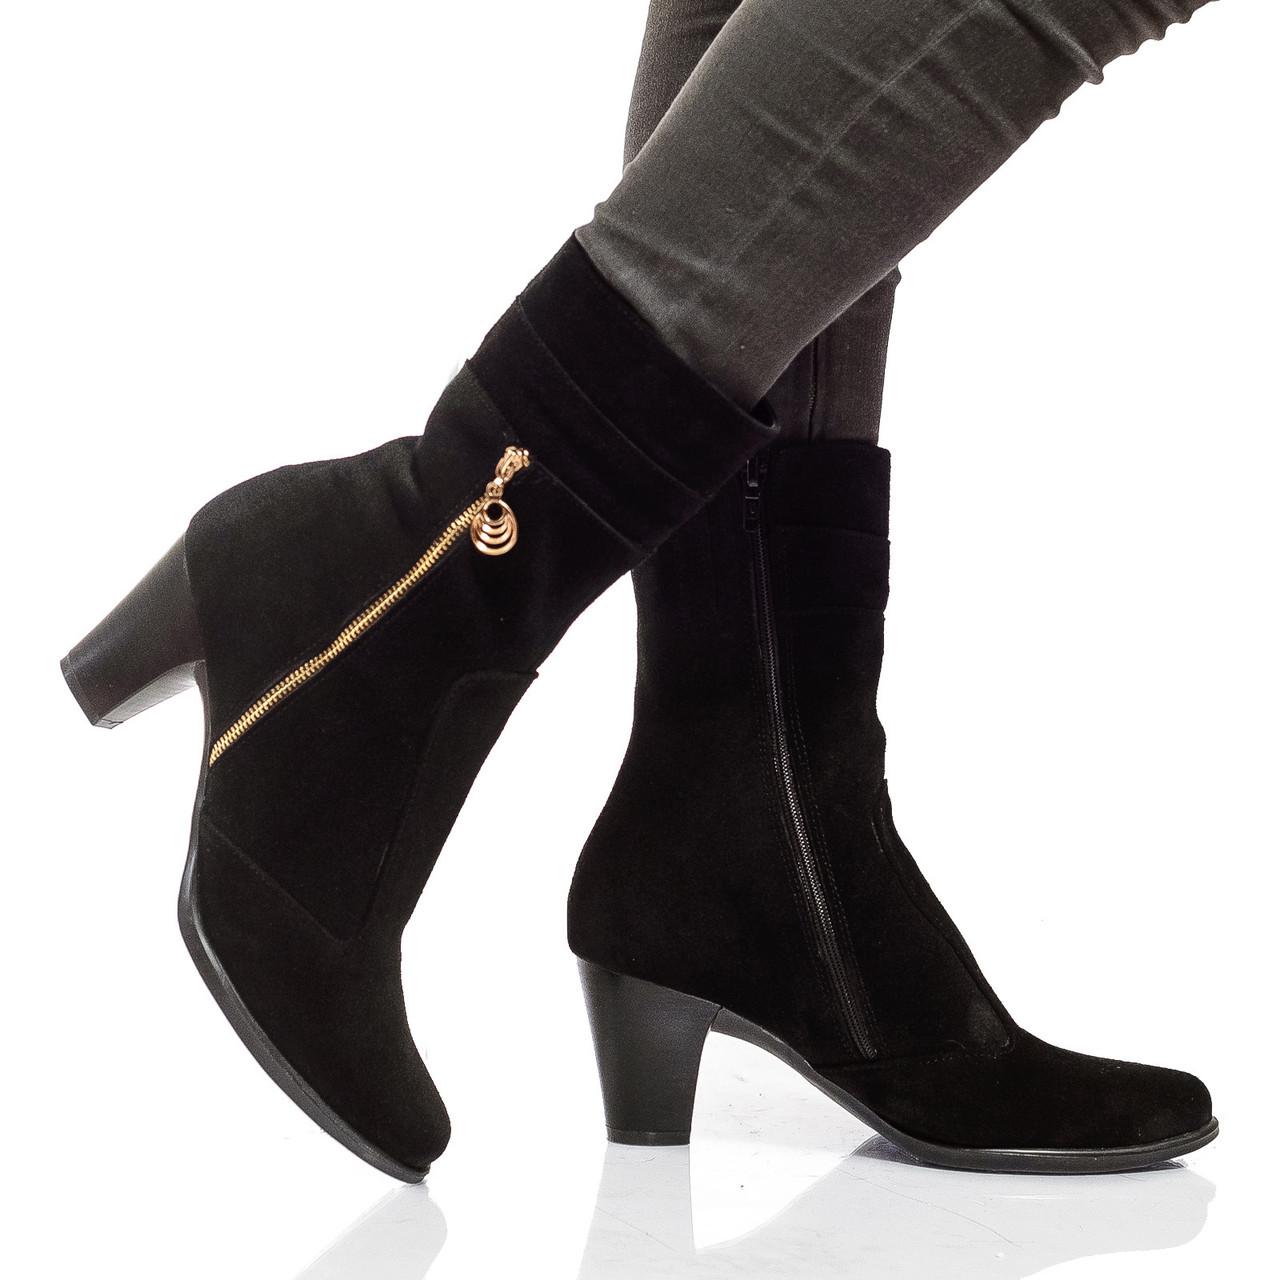 Ботинки на каблуке, из натуральной кожи, замша, на молнии. Два цвета! Размеры 36-41 модель S2612